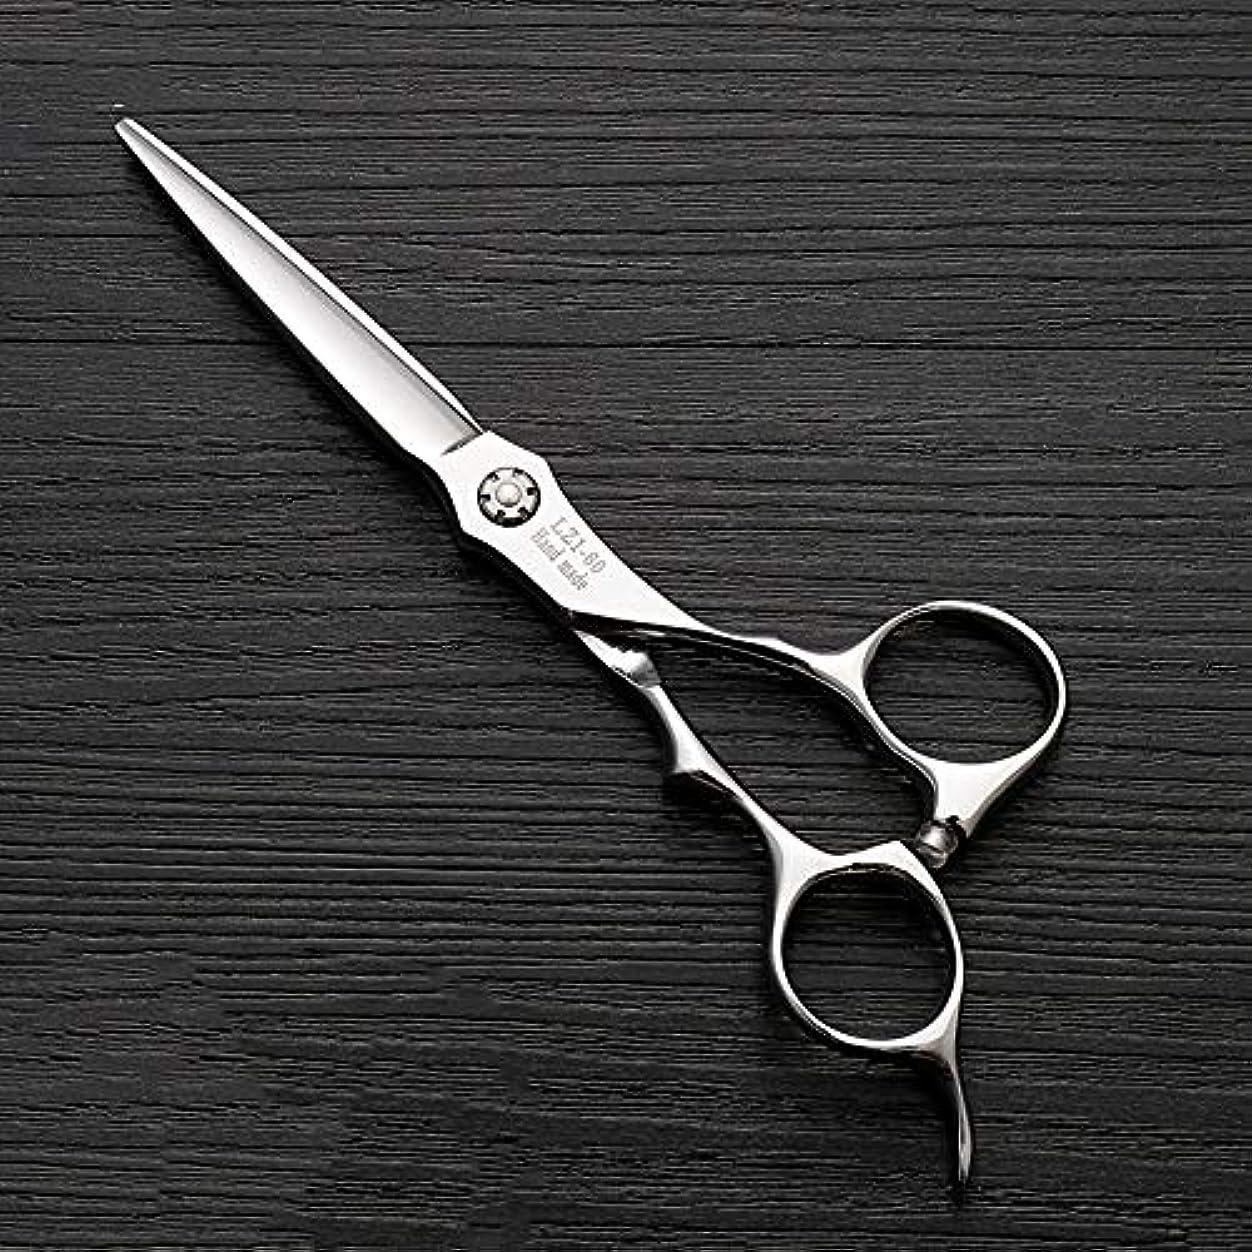 破壊親面積6インチハイエンド理髪師理髪用はさみ ヘアケア (色 : Silver)